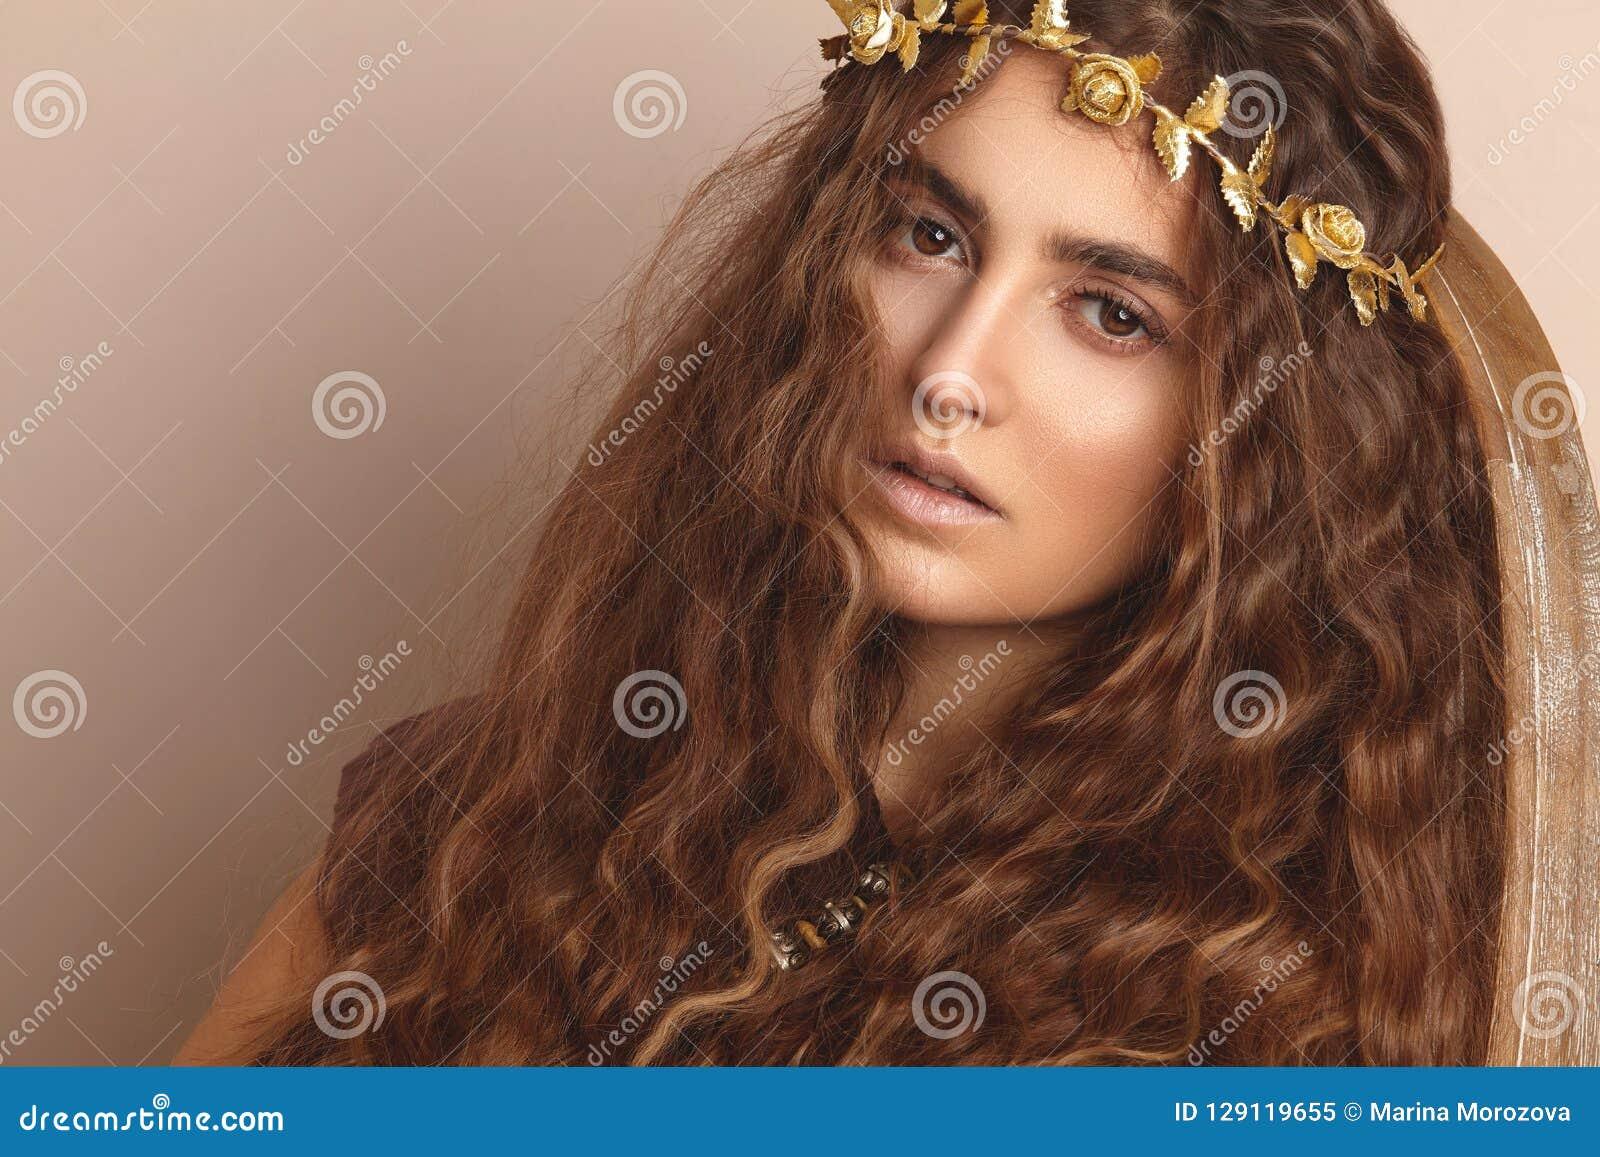 Piękna kobieta Kędzierzawy Długie Włosy smokingowej mody złoty model Zdrowa falista fryzura akcesoria Jesień wianek, Złocista Kwi